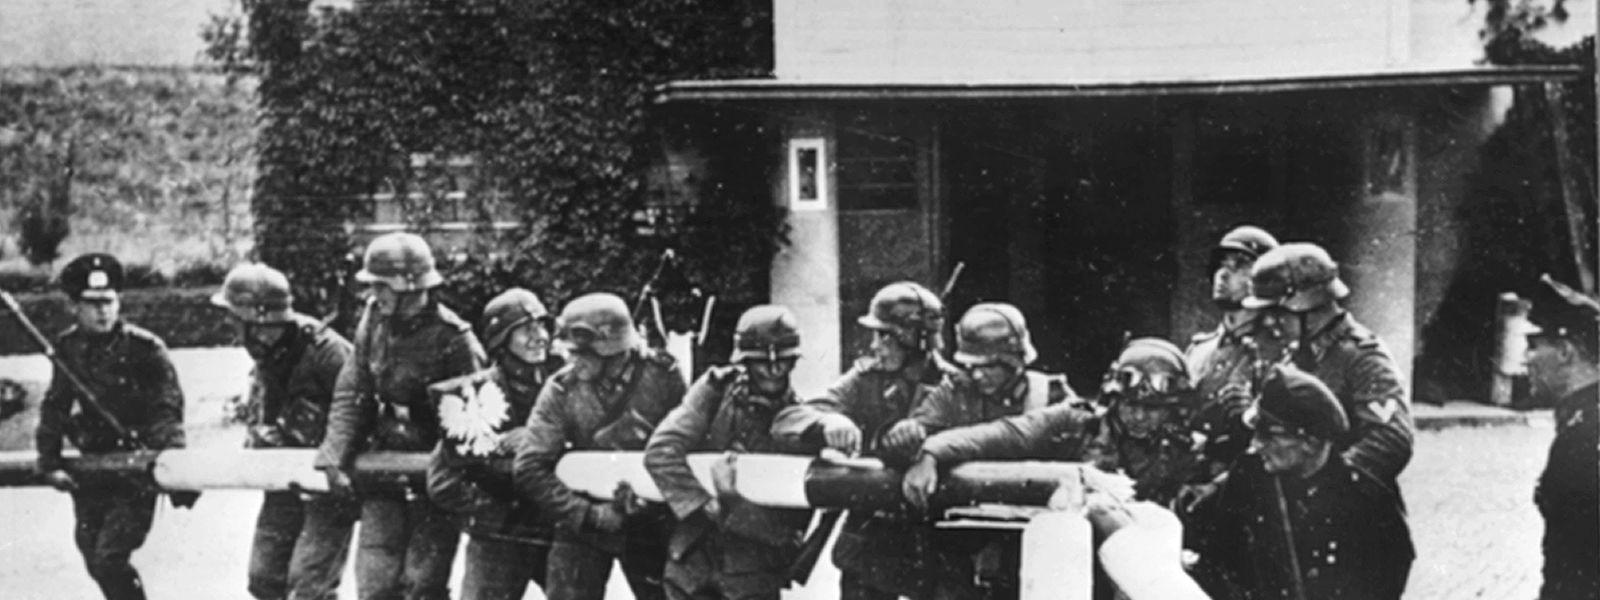 Beim Einmarsch deutscher Truppen in Polen am 1. September 1939 reißen Soldaten der deutschen Wehrmacht einen Schlagbaum an der deutsch-polnischen Grenze nieder.